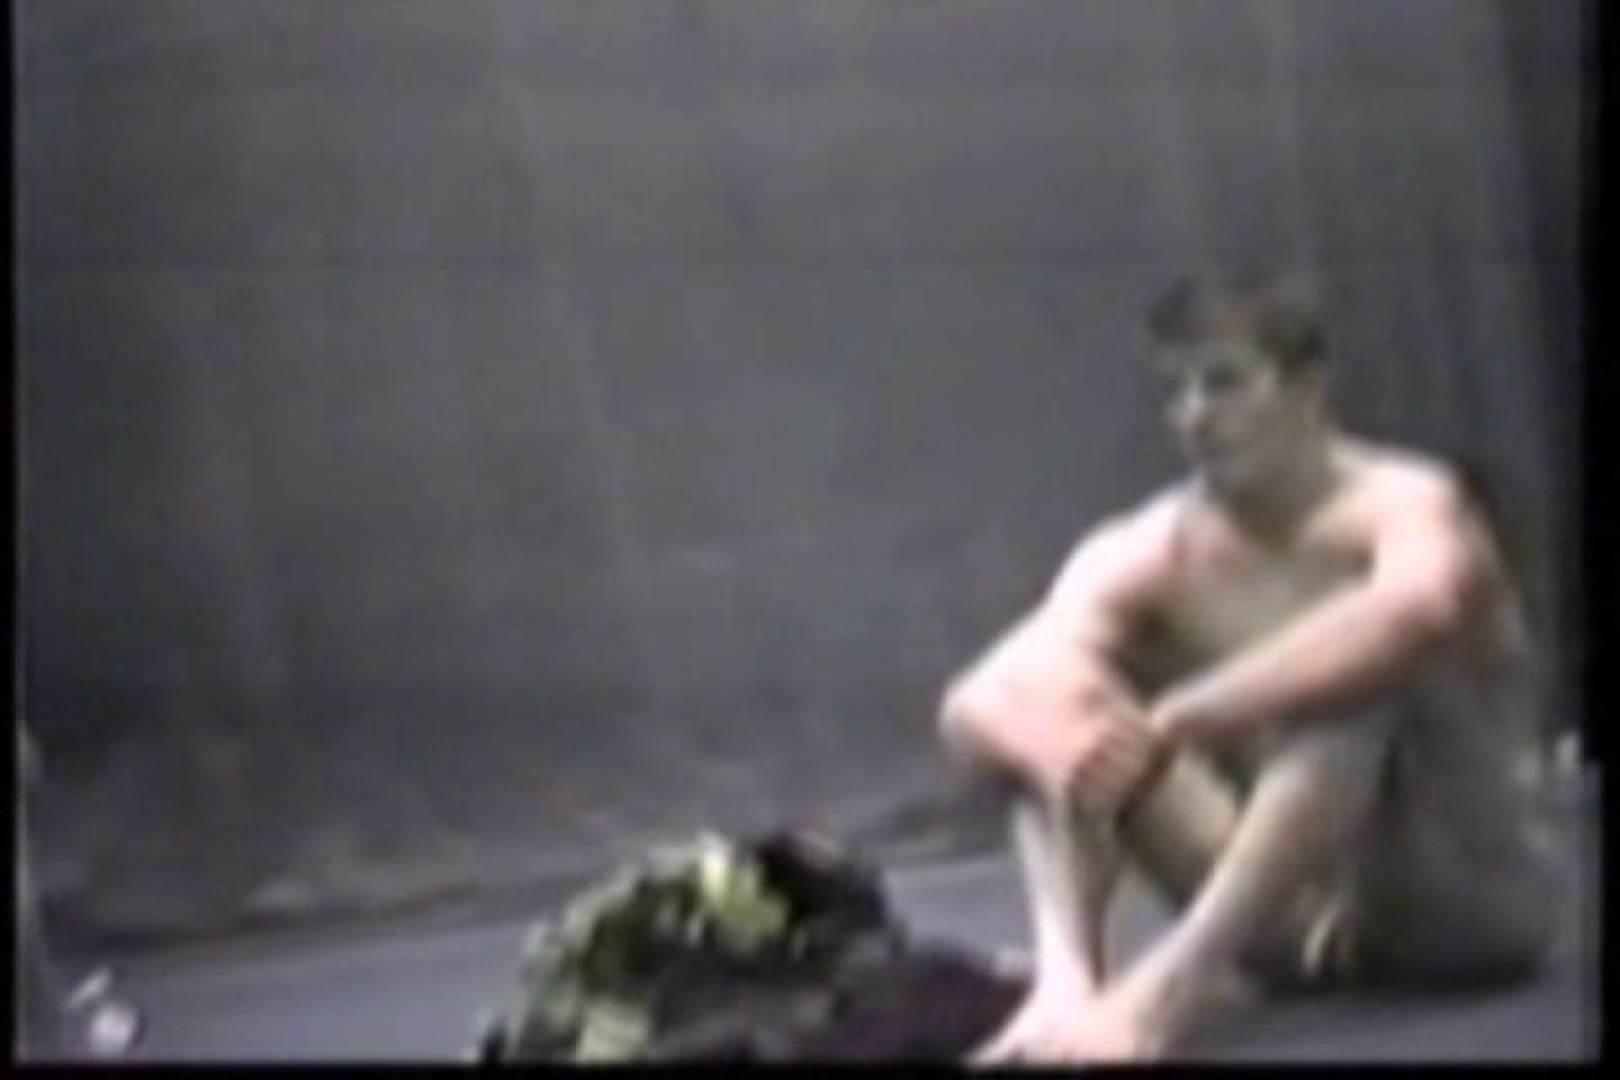 洋人さんの脱衣所を覗いてみました。VOL.8 のぞき   ガチムチマッチョ系  93pic 17